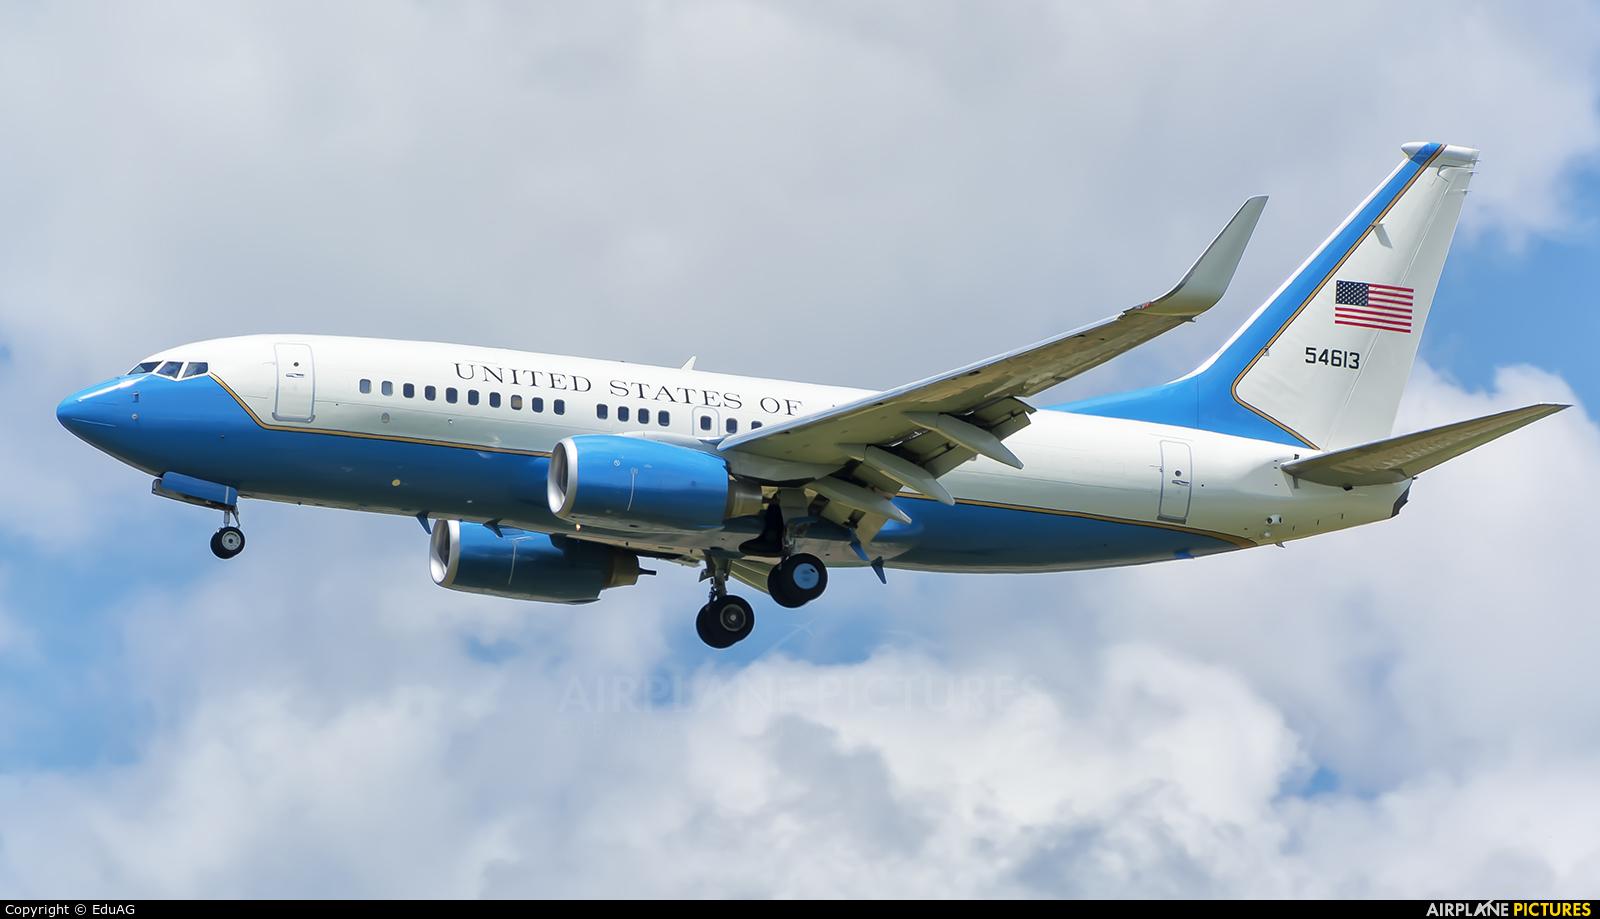 USA - Air Force 05-4613 aircraft at Madrid - Torrejon